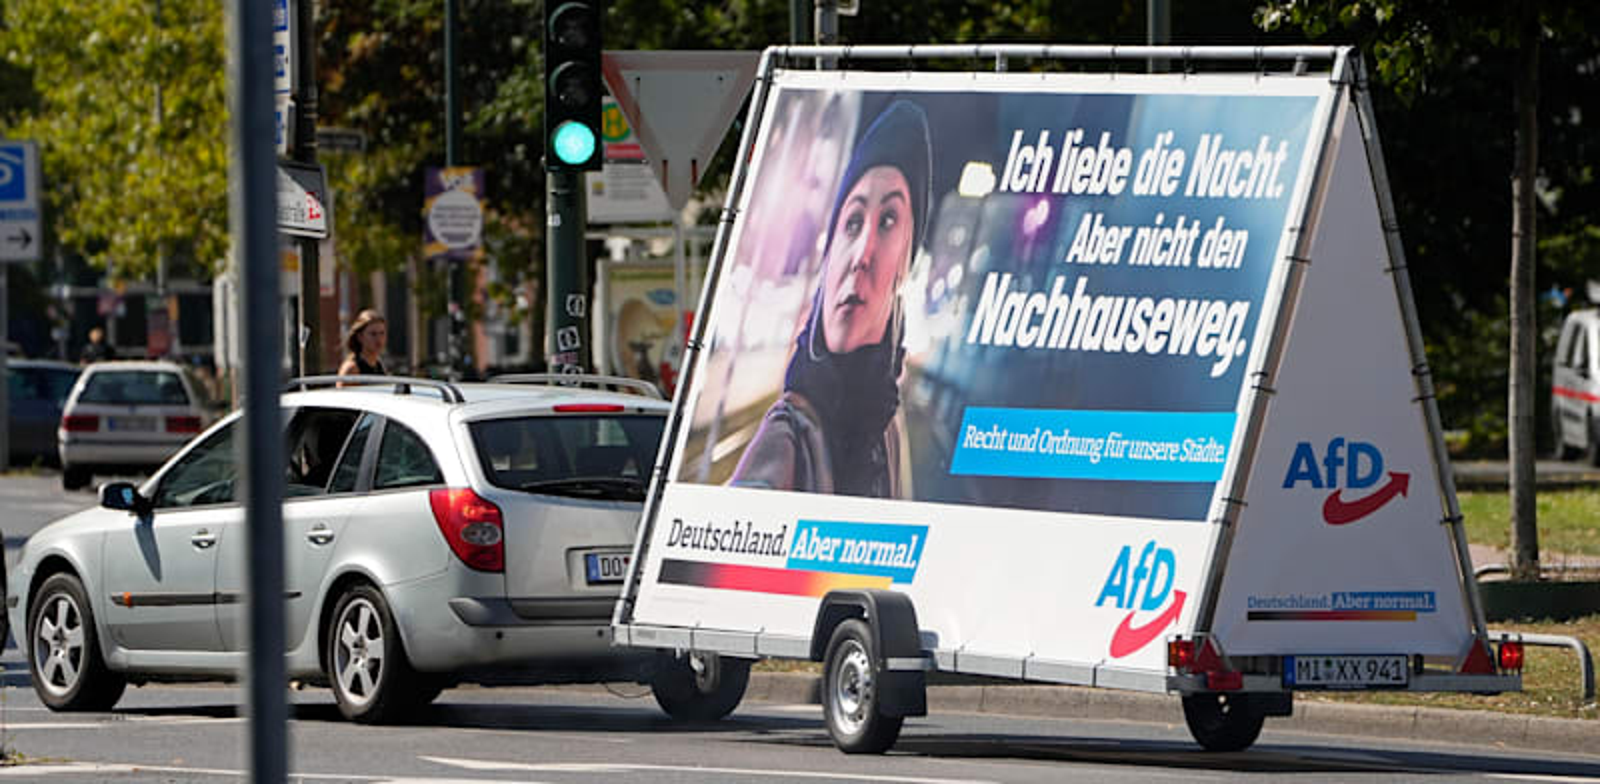 שלט בחירות של מפלגת AfD / צילום: Associated Press, Martin Meissner